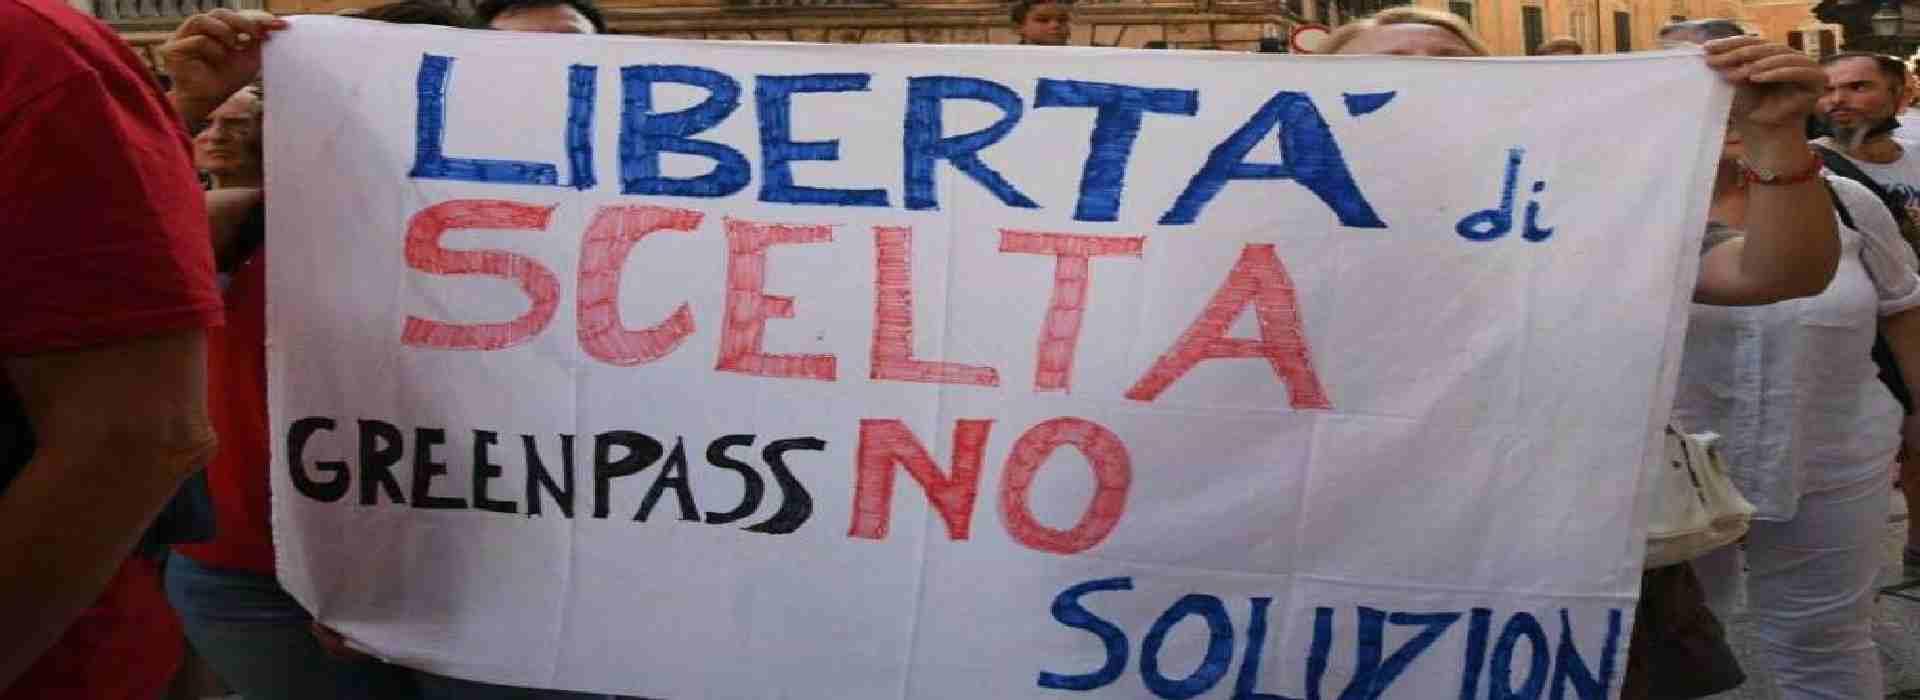 Green pass: manifestazioni e proteste in tutte le città d'Italia